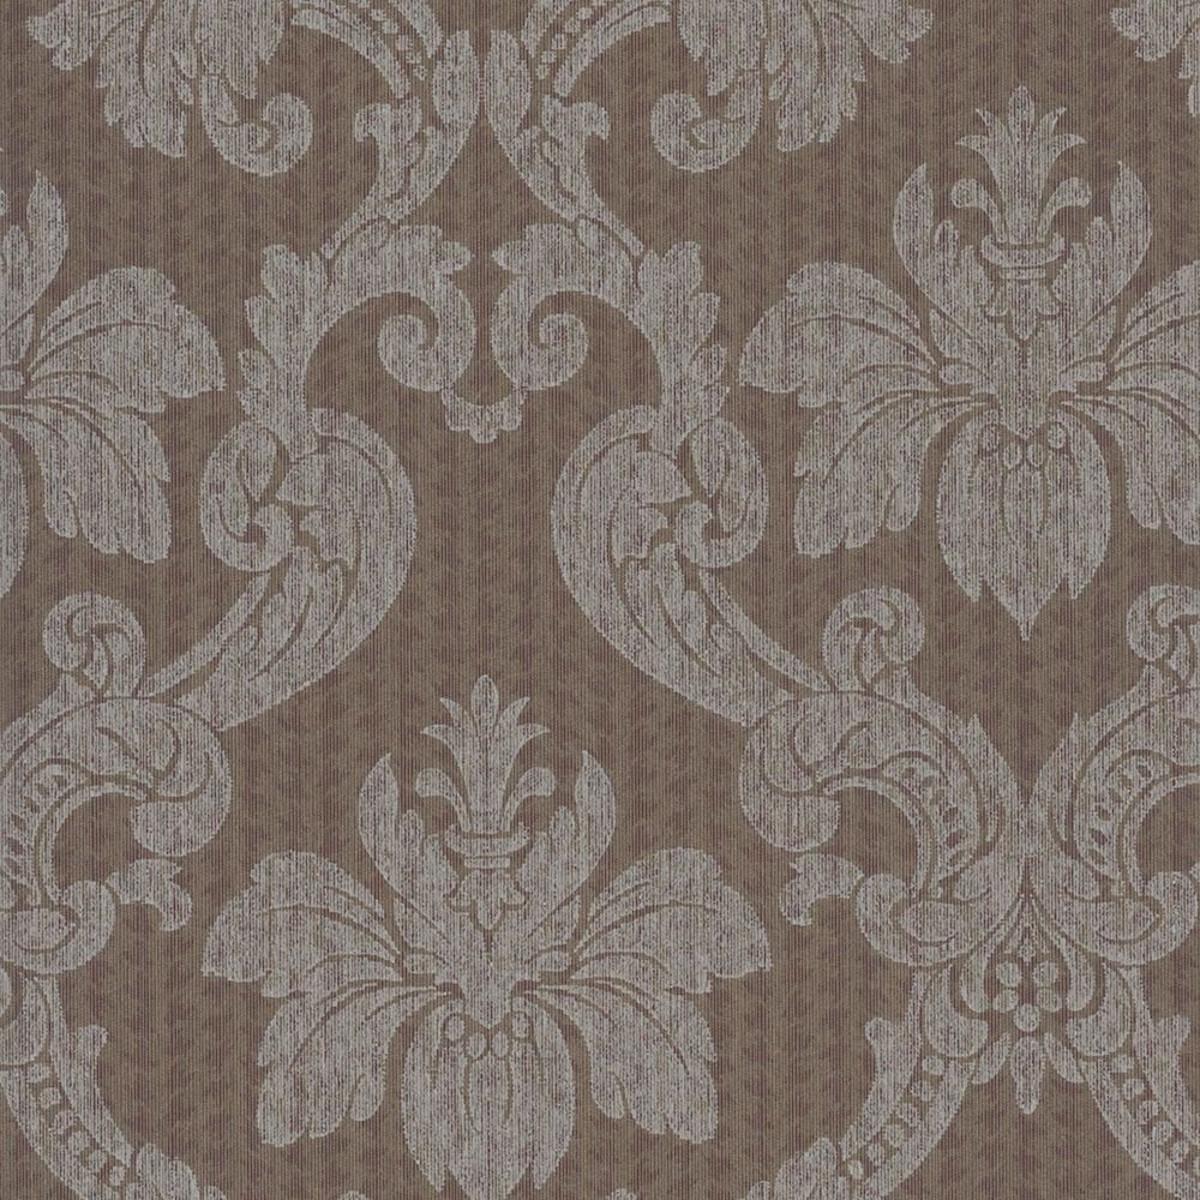 Обои текстильные Rasch Selected коричневые 0.53 м 79493